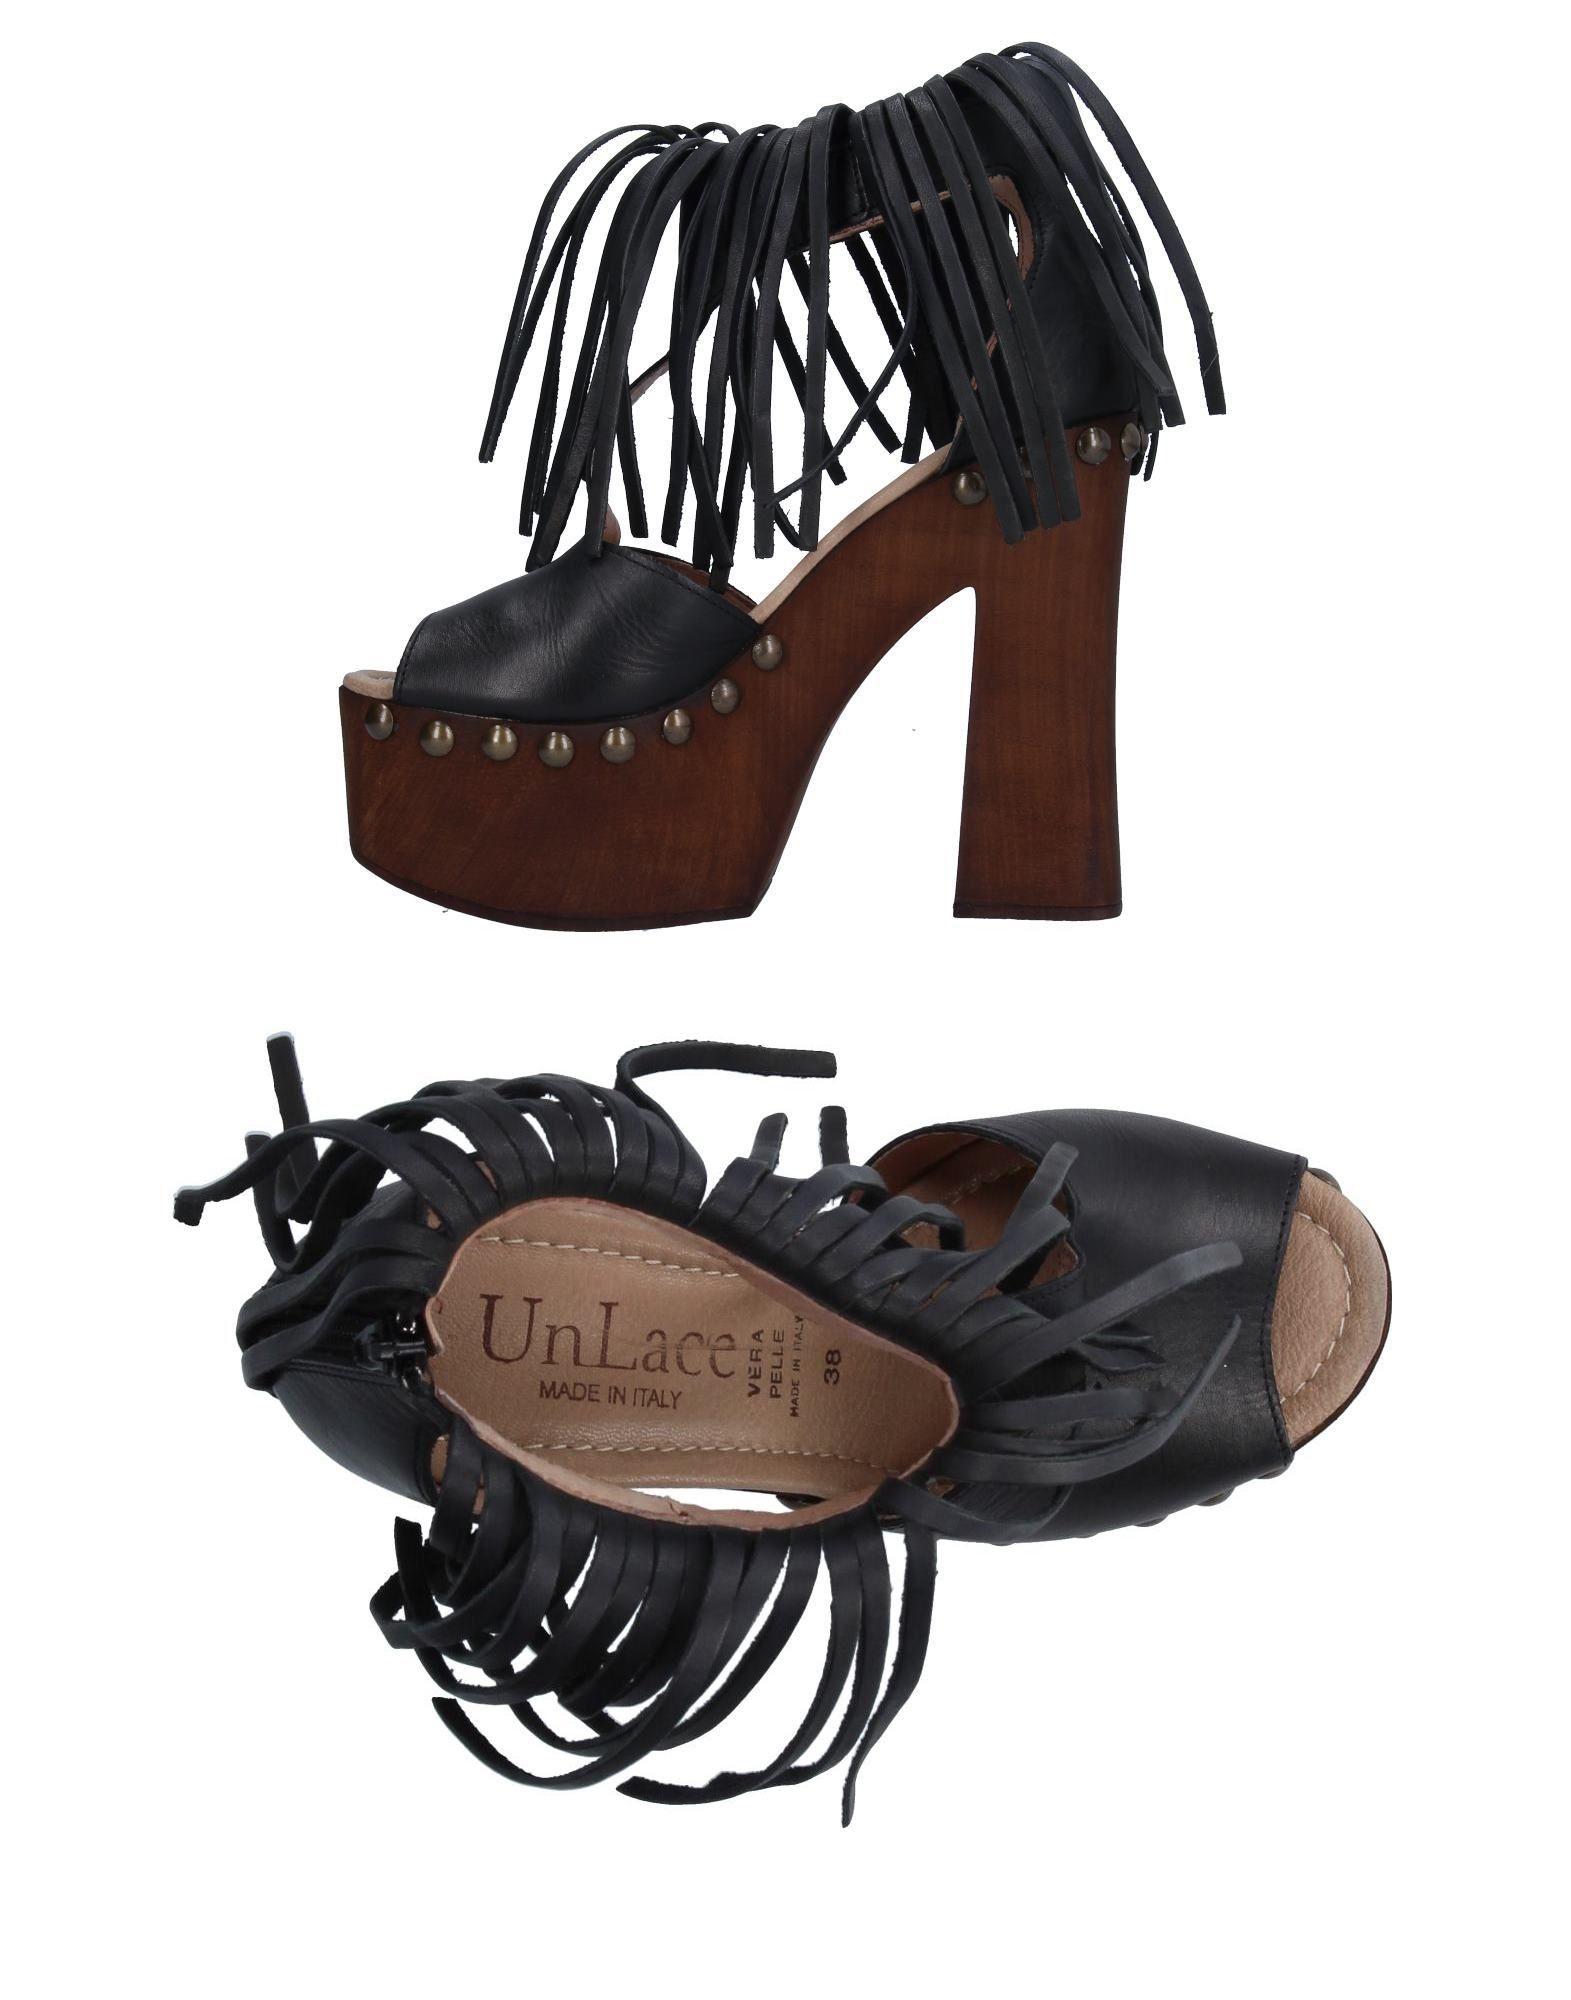 Unlace Sandalen Damen  11208015TB Gute Gute 11208015TB Qualität beliebte Schuhe ca2a4a